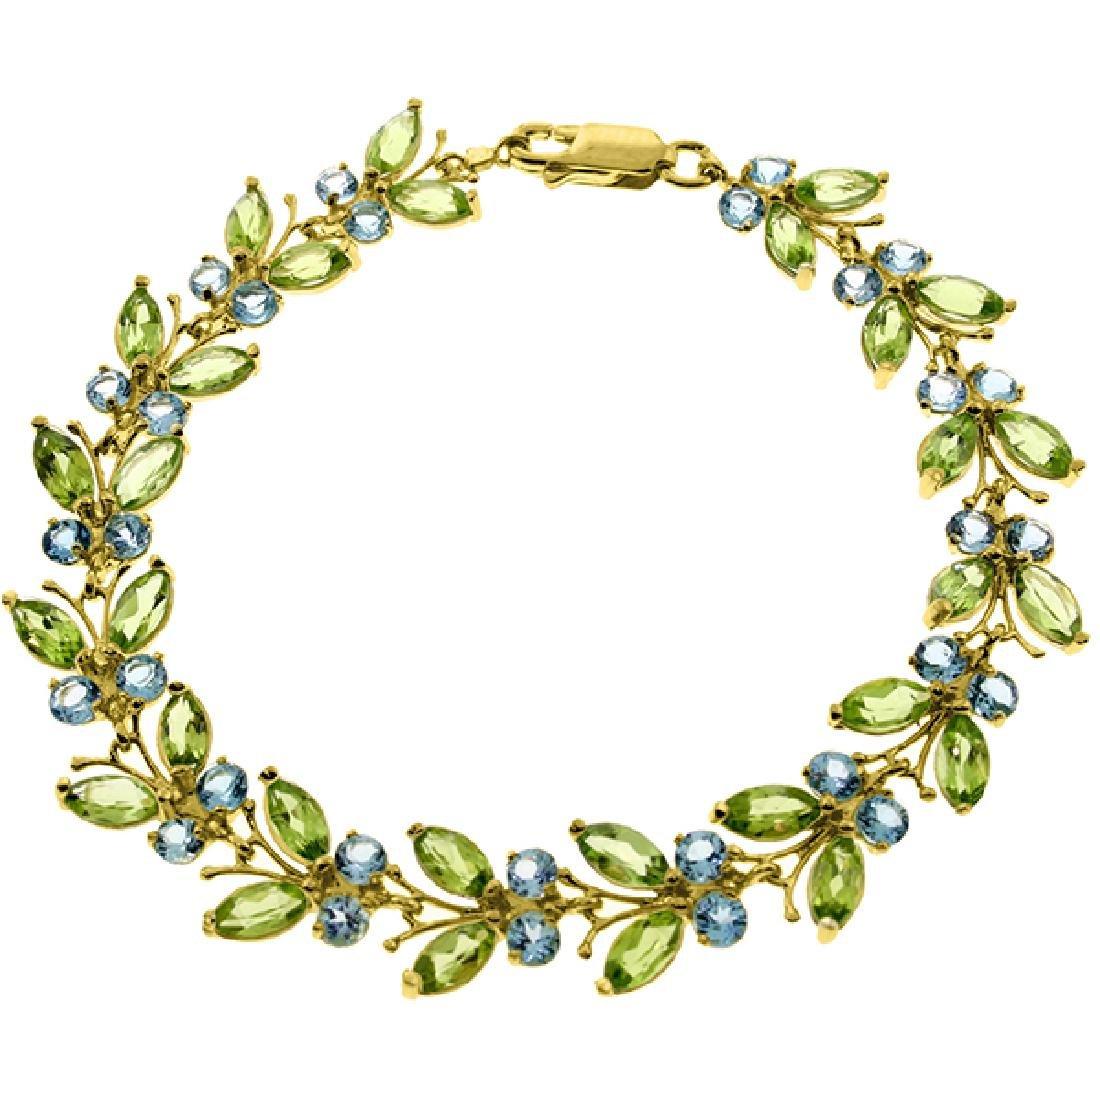 Genuine 16.5 ctw Blue Topaz & Peridot Bracelet Jewelry